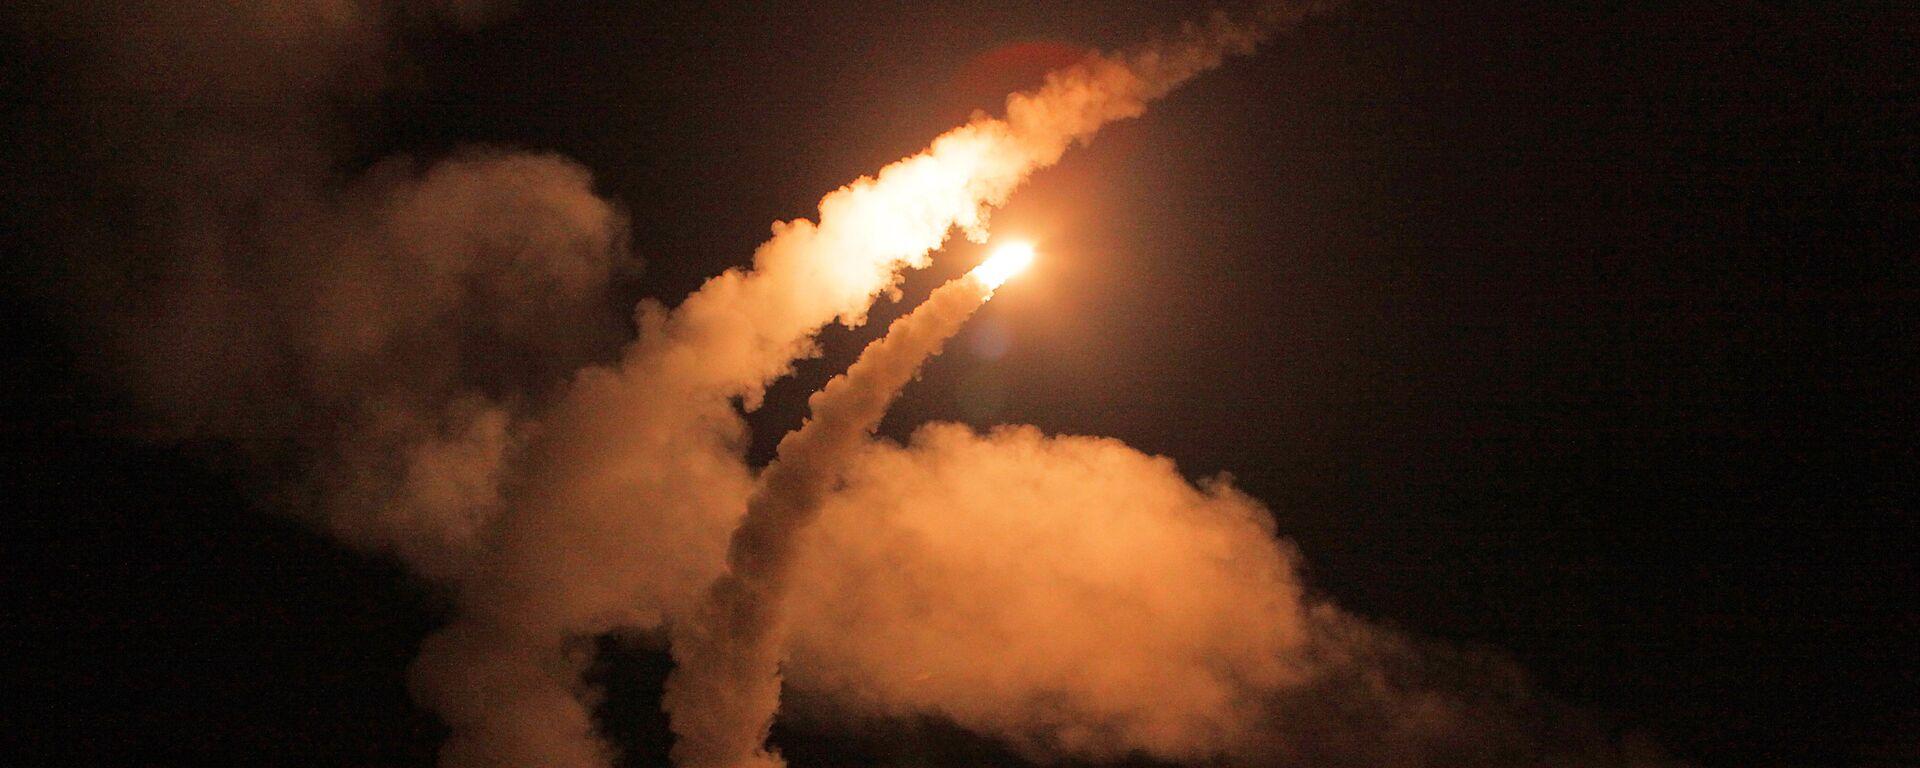 Ночной пуск ракет зенитными ракетными системами С-400 Триумф - Sputnik Таджикистан, 1920, 02.07.2021